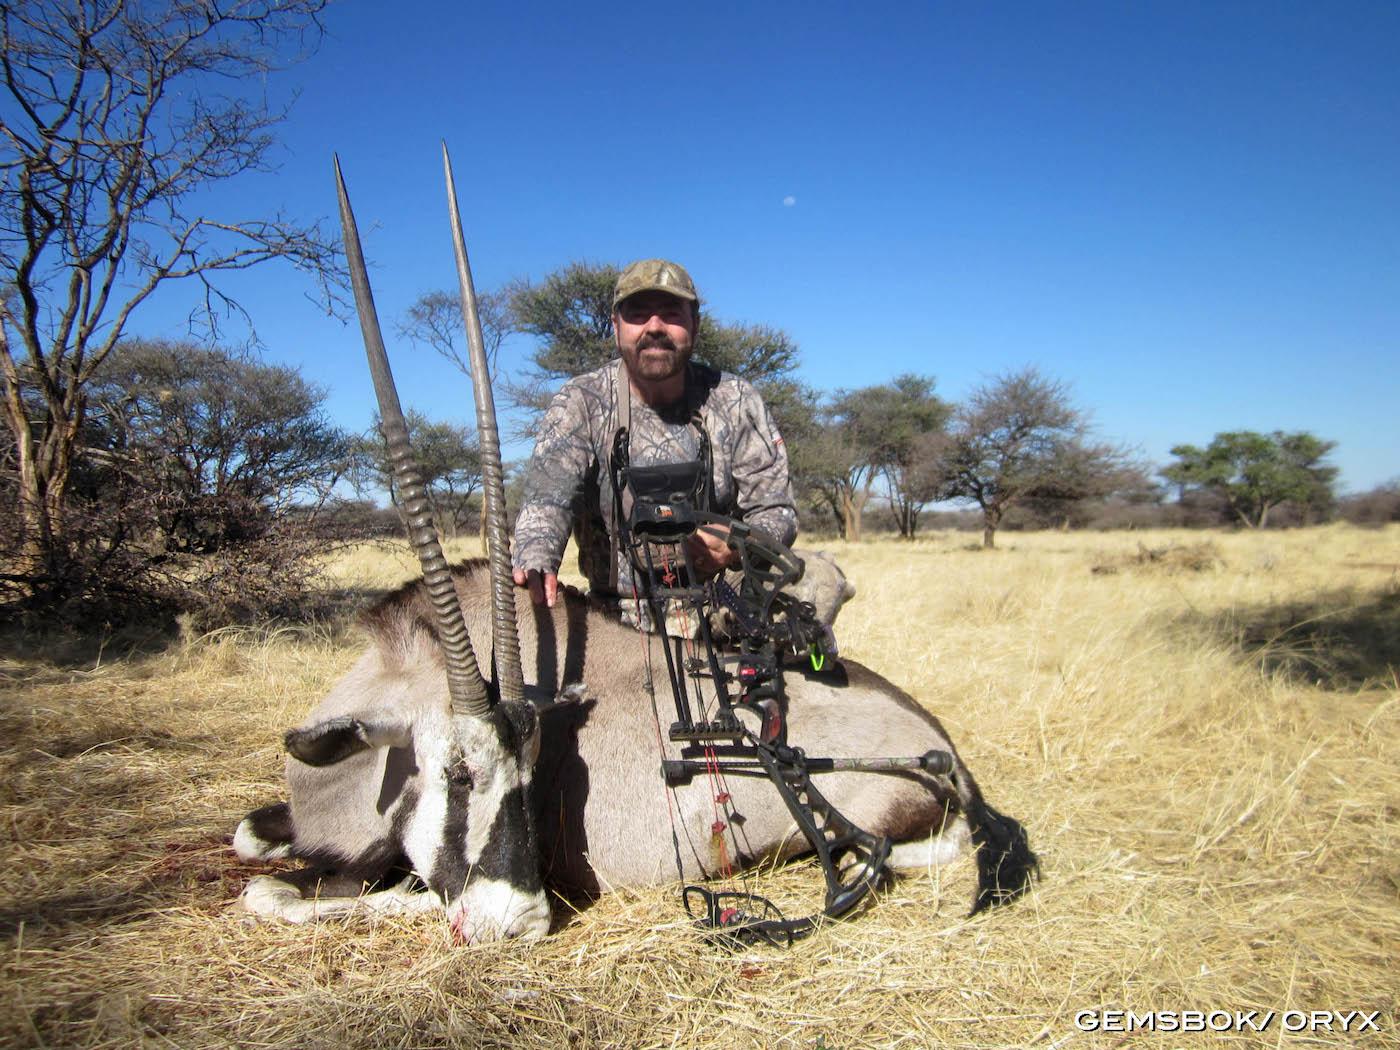 bow-hunting-namibia-05